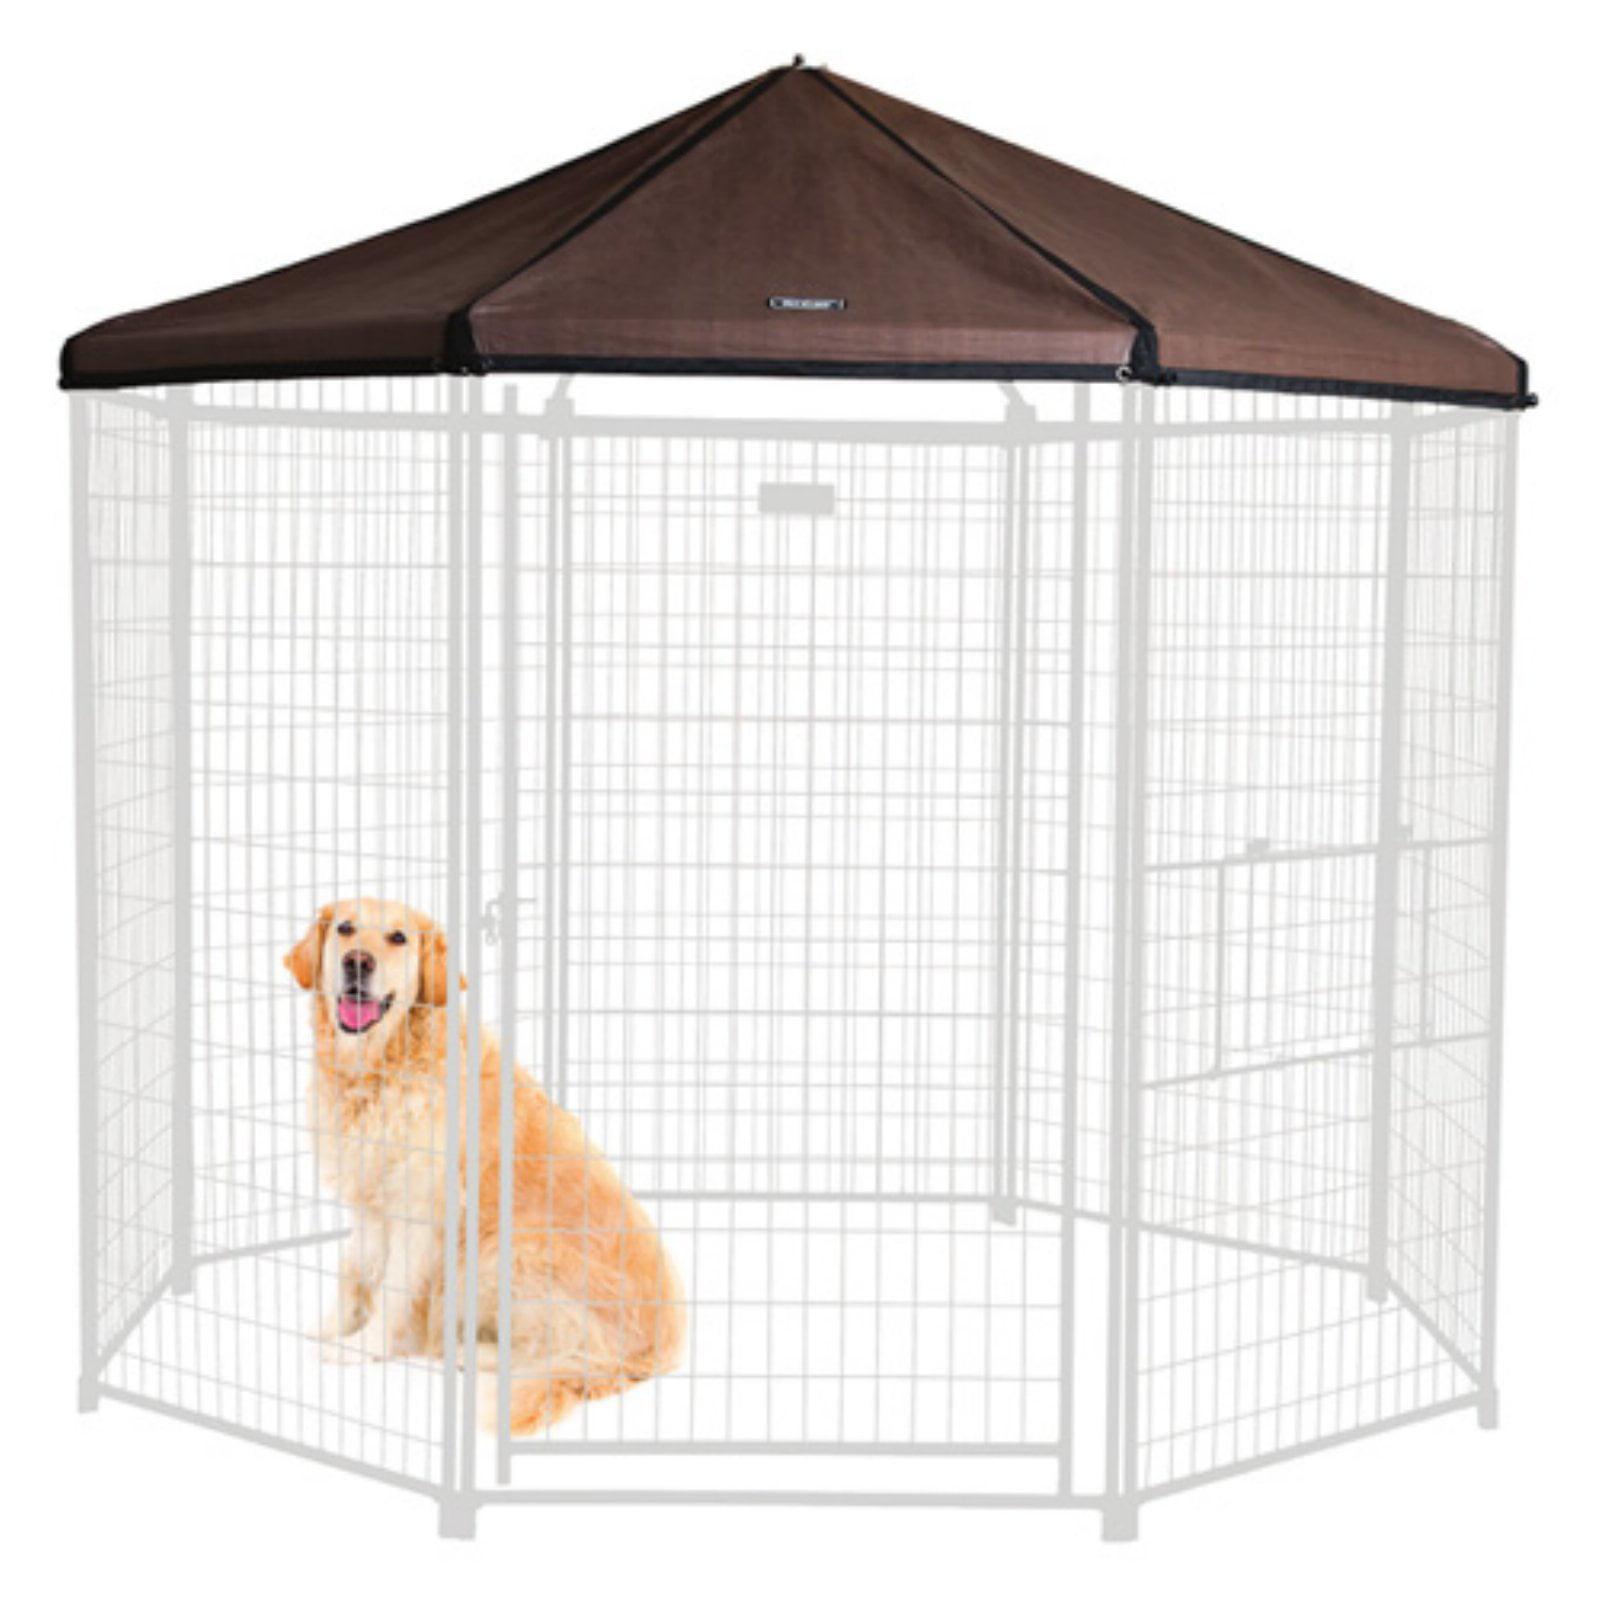 Advantek Pet Gazebo Canopy Cover